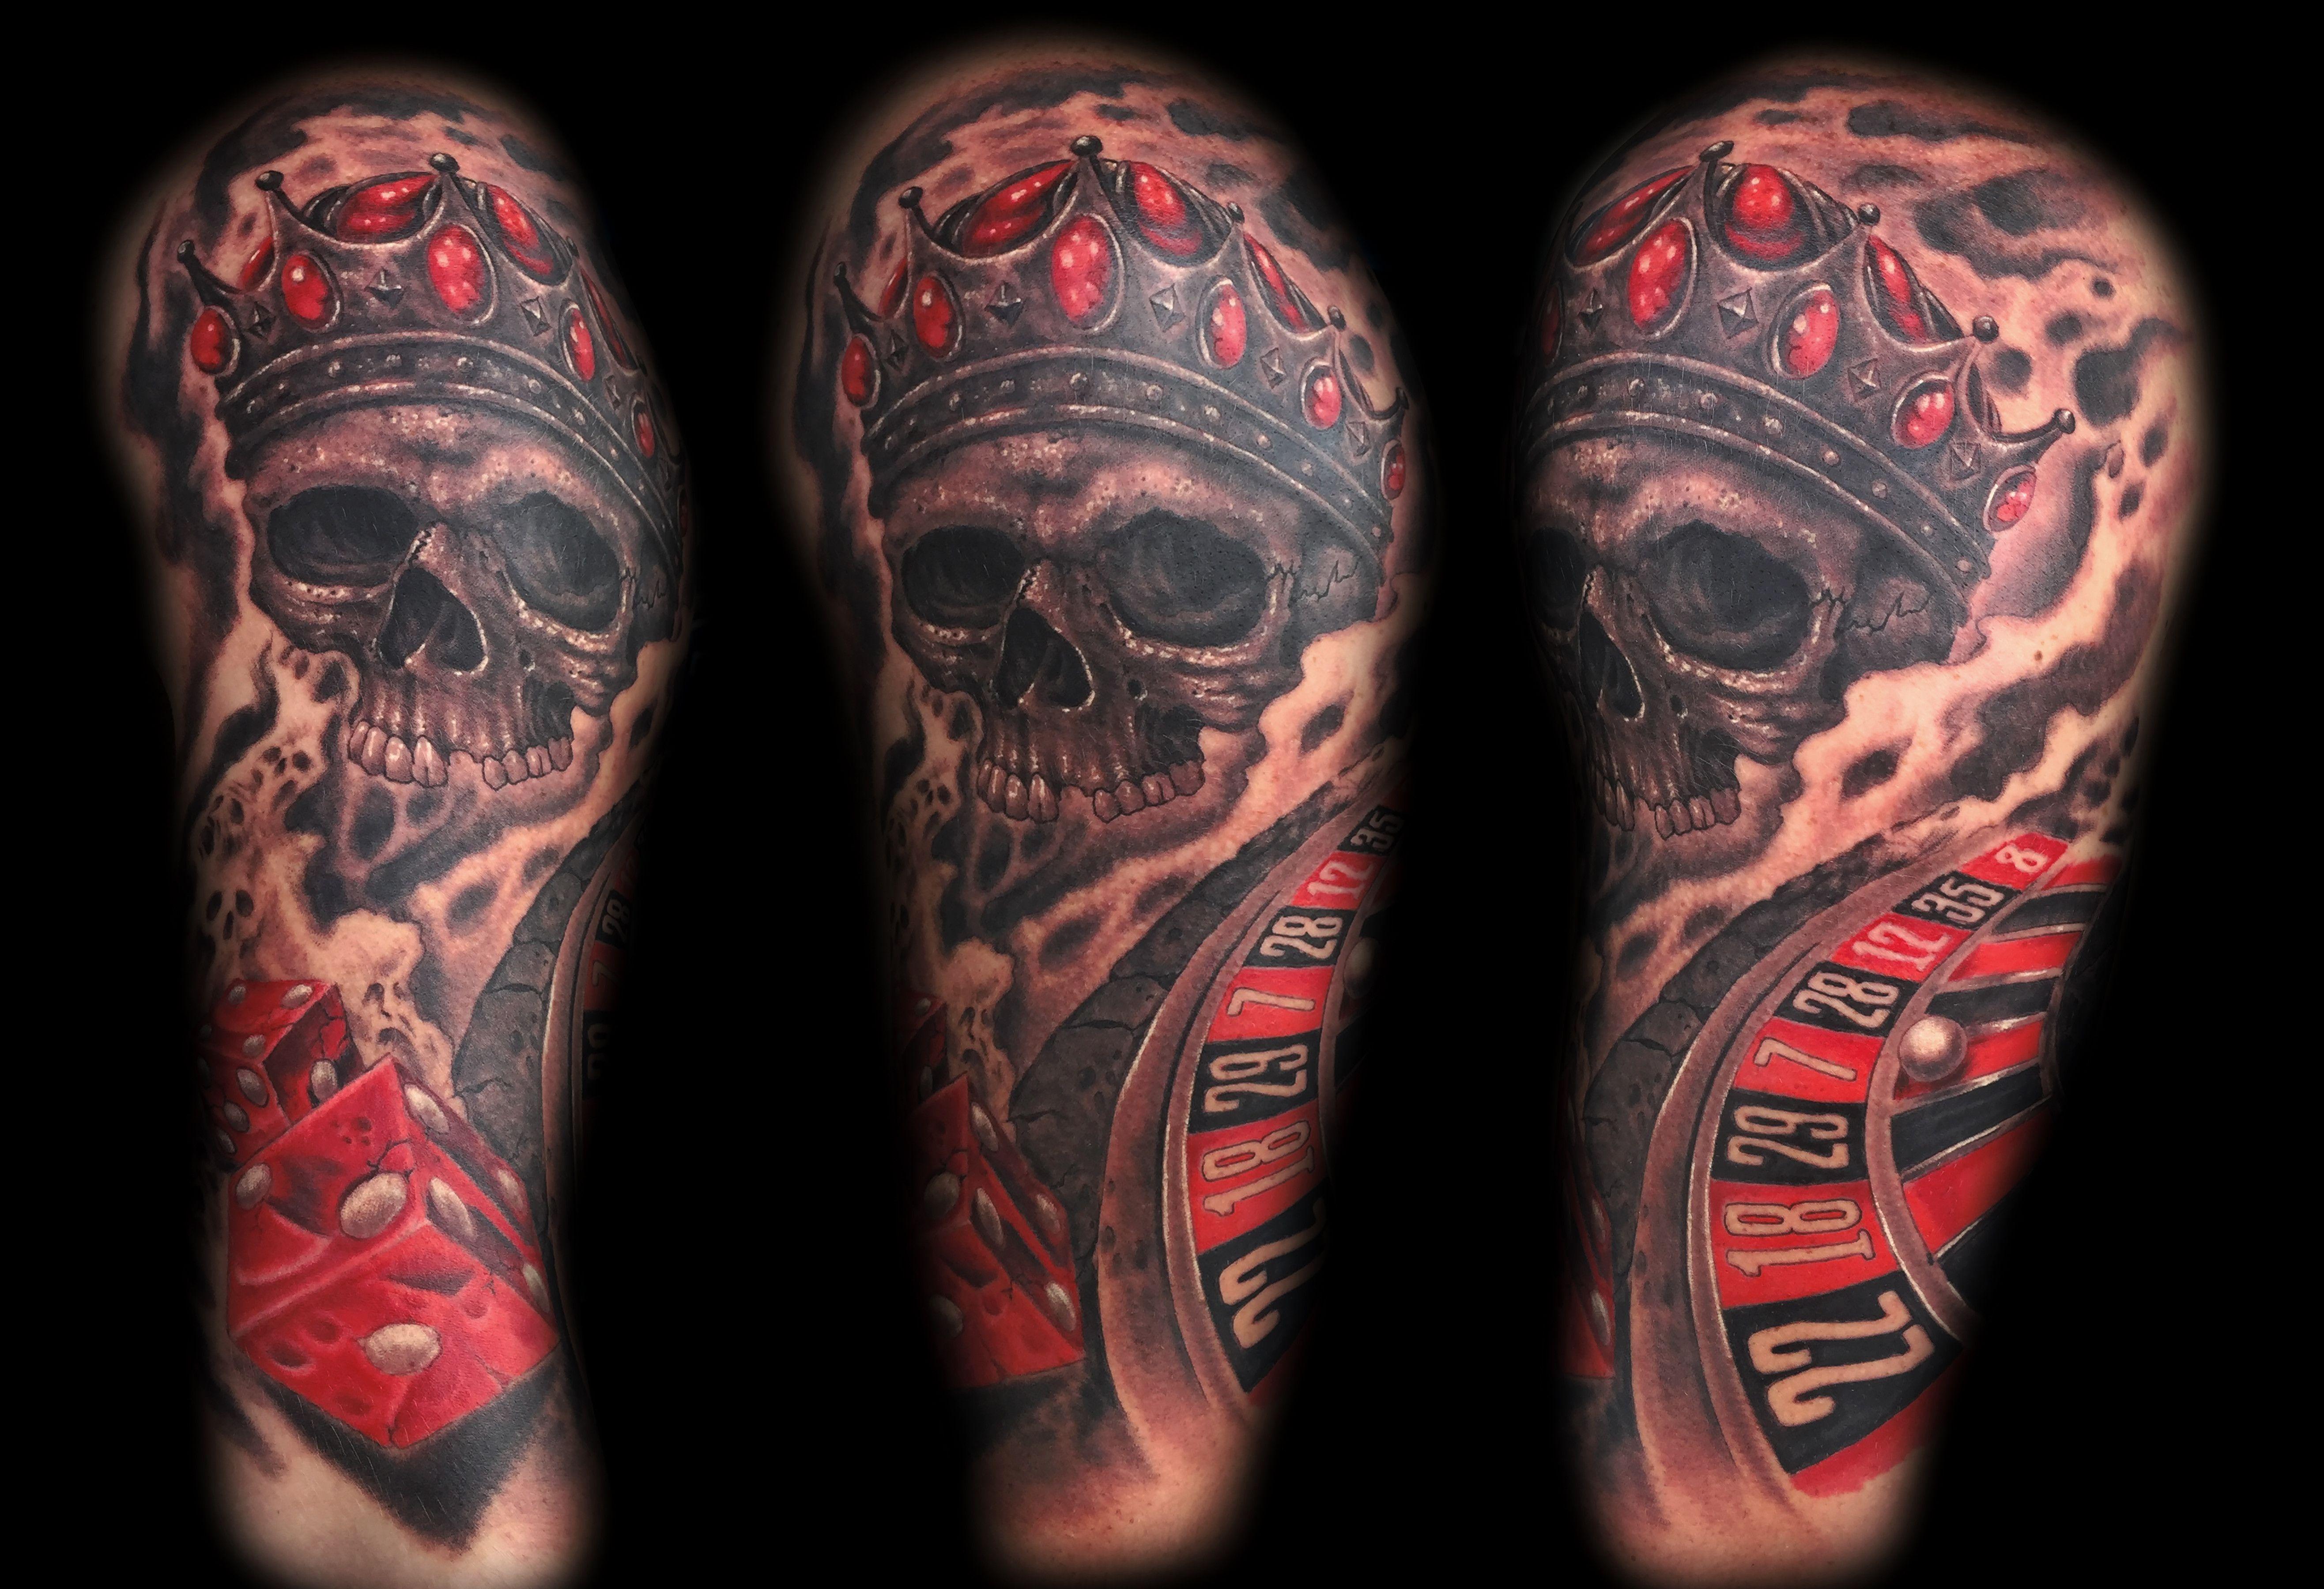 Las vegas skull tattoo tattoos tattoo las vegas las vegas